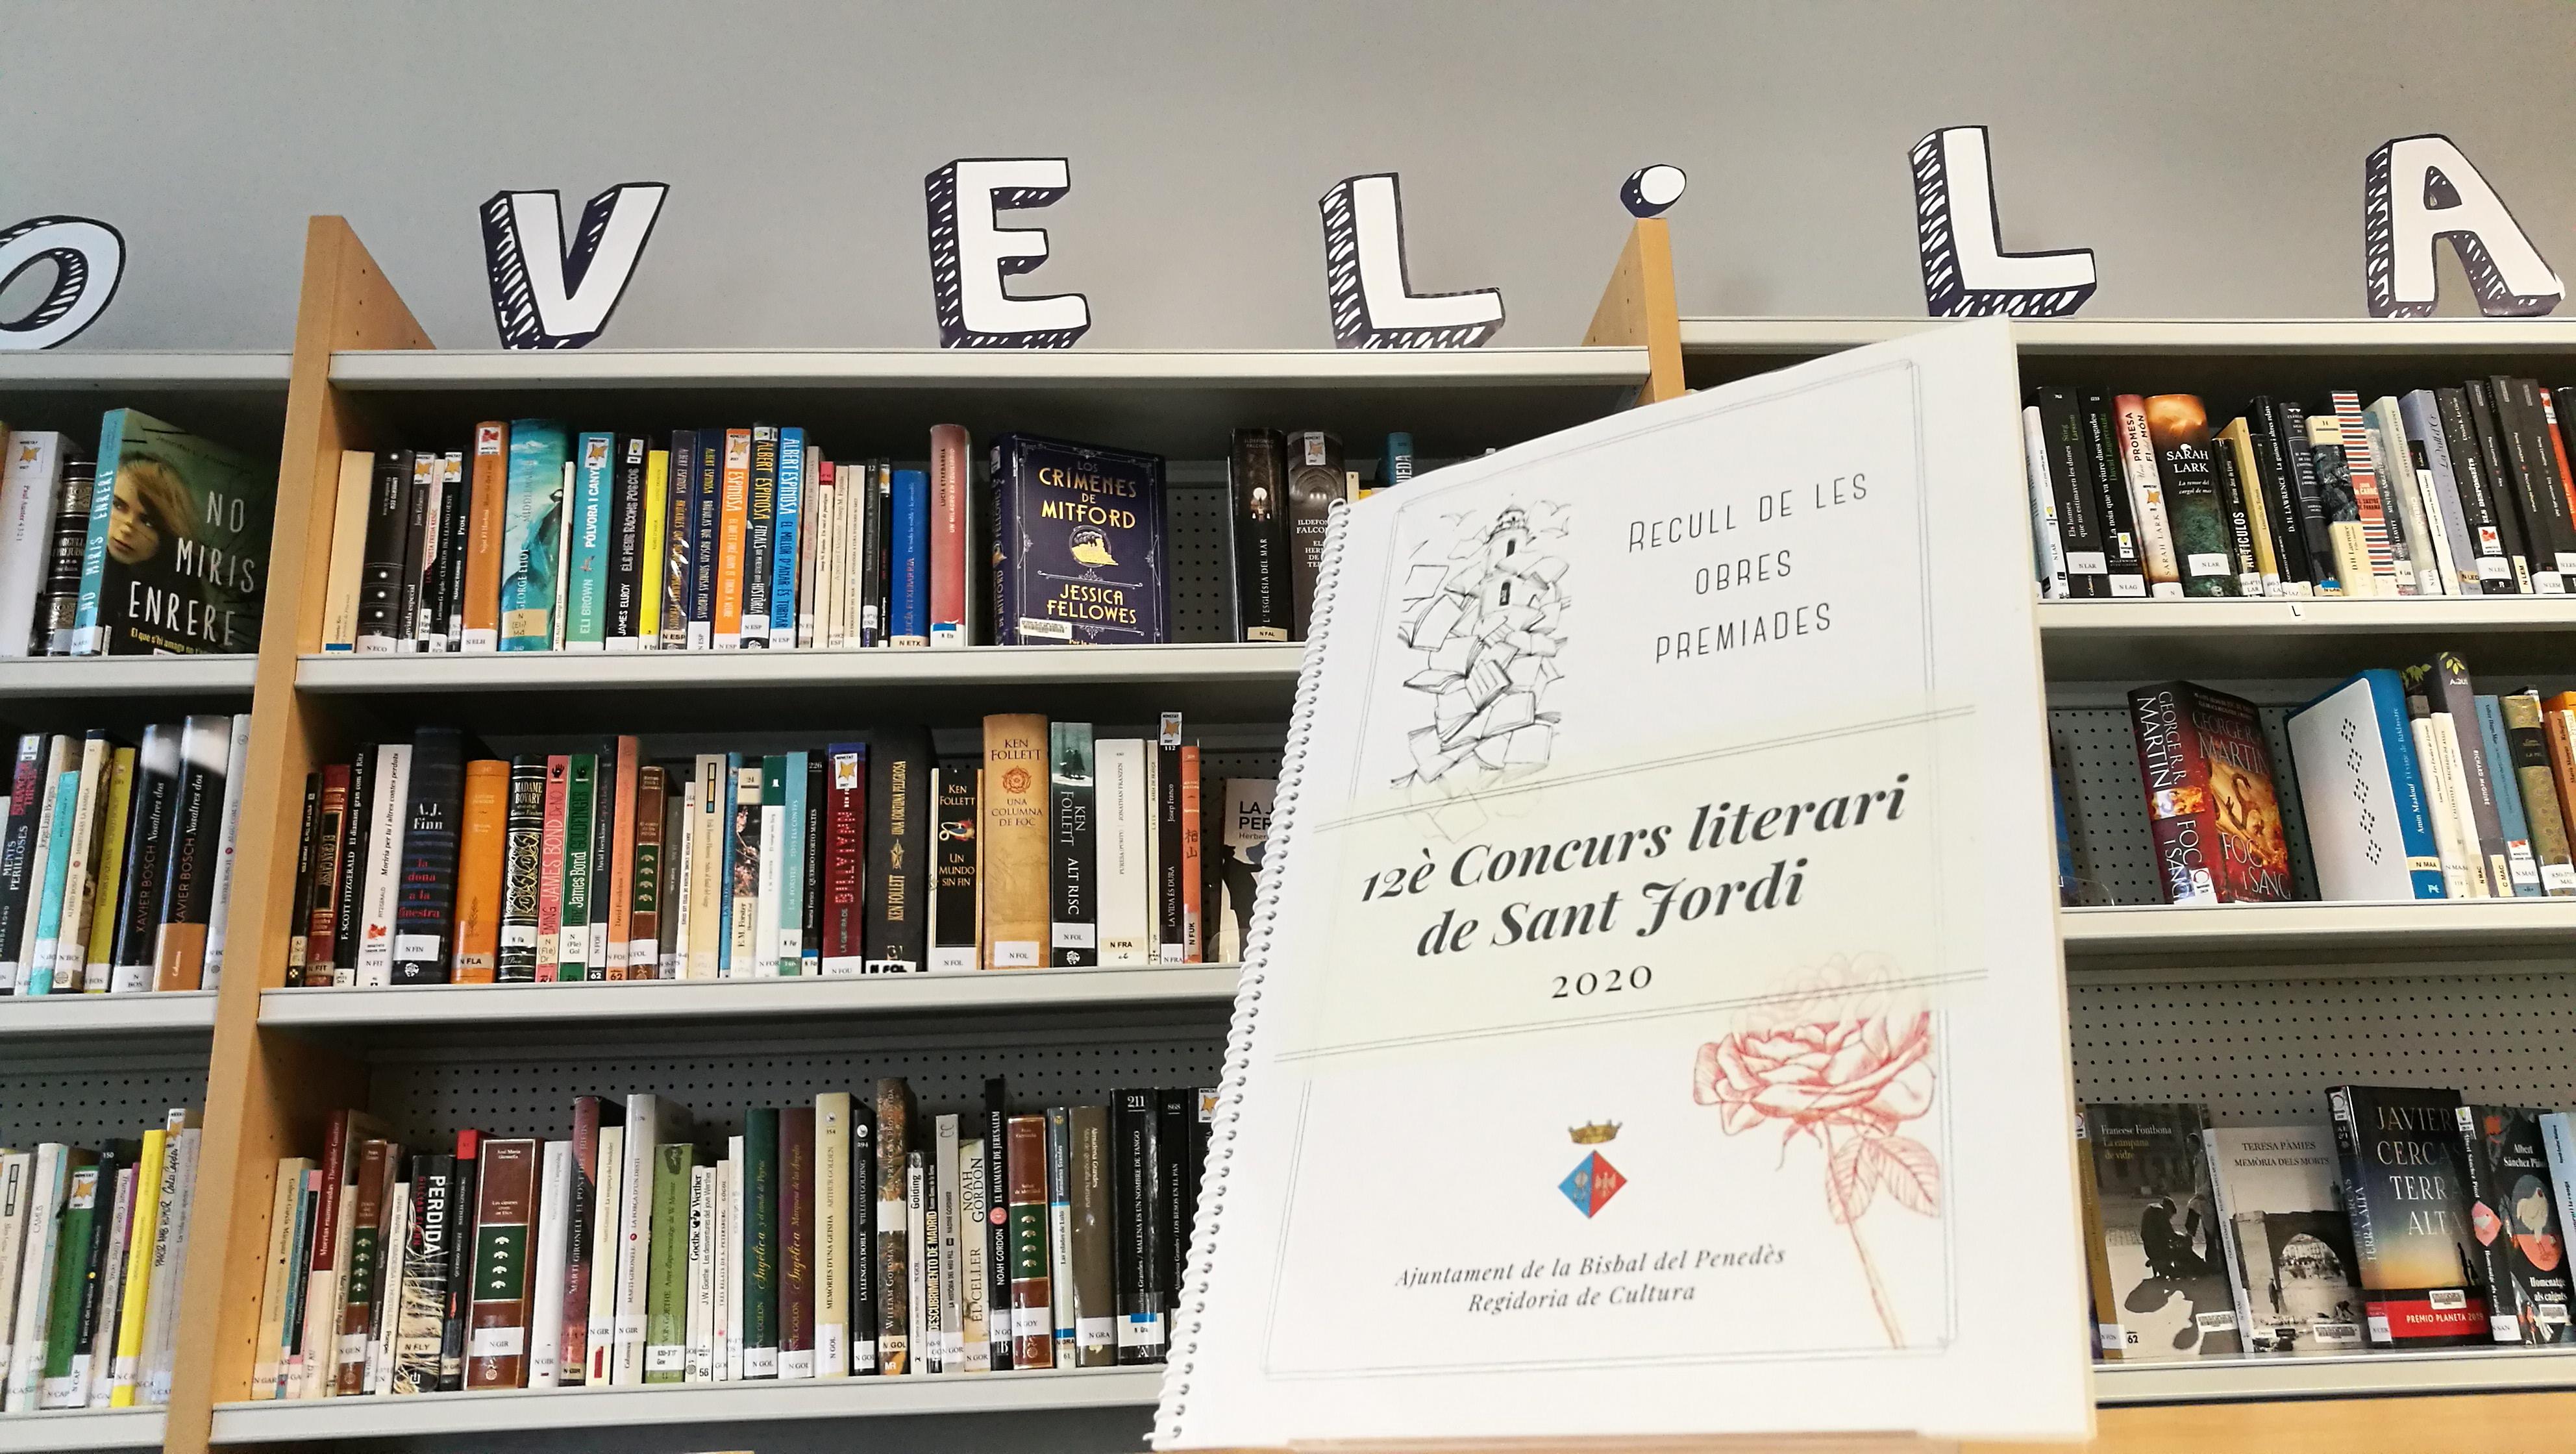 S'aproven les bases del 13è Concurs Literari de Sant Jordi